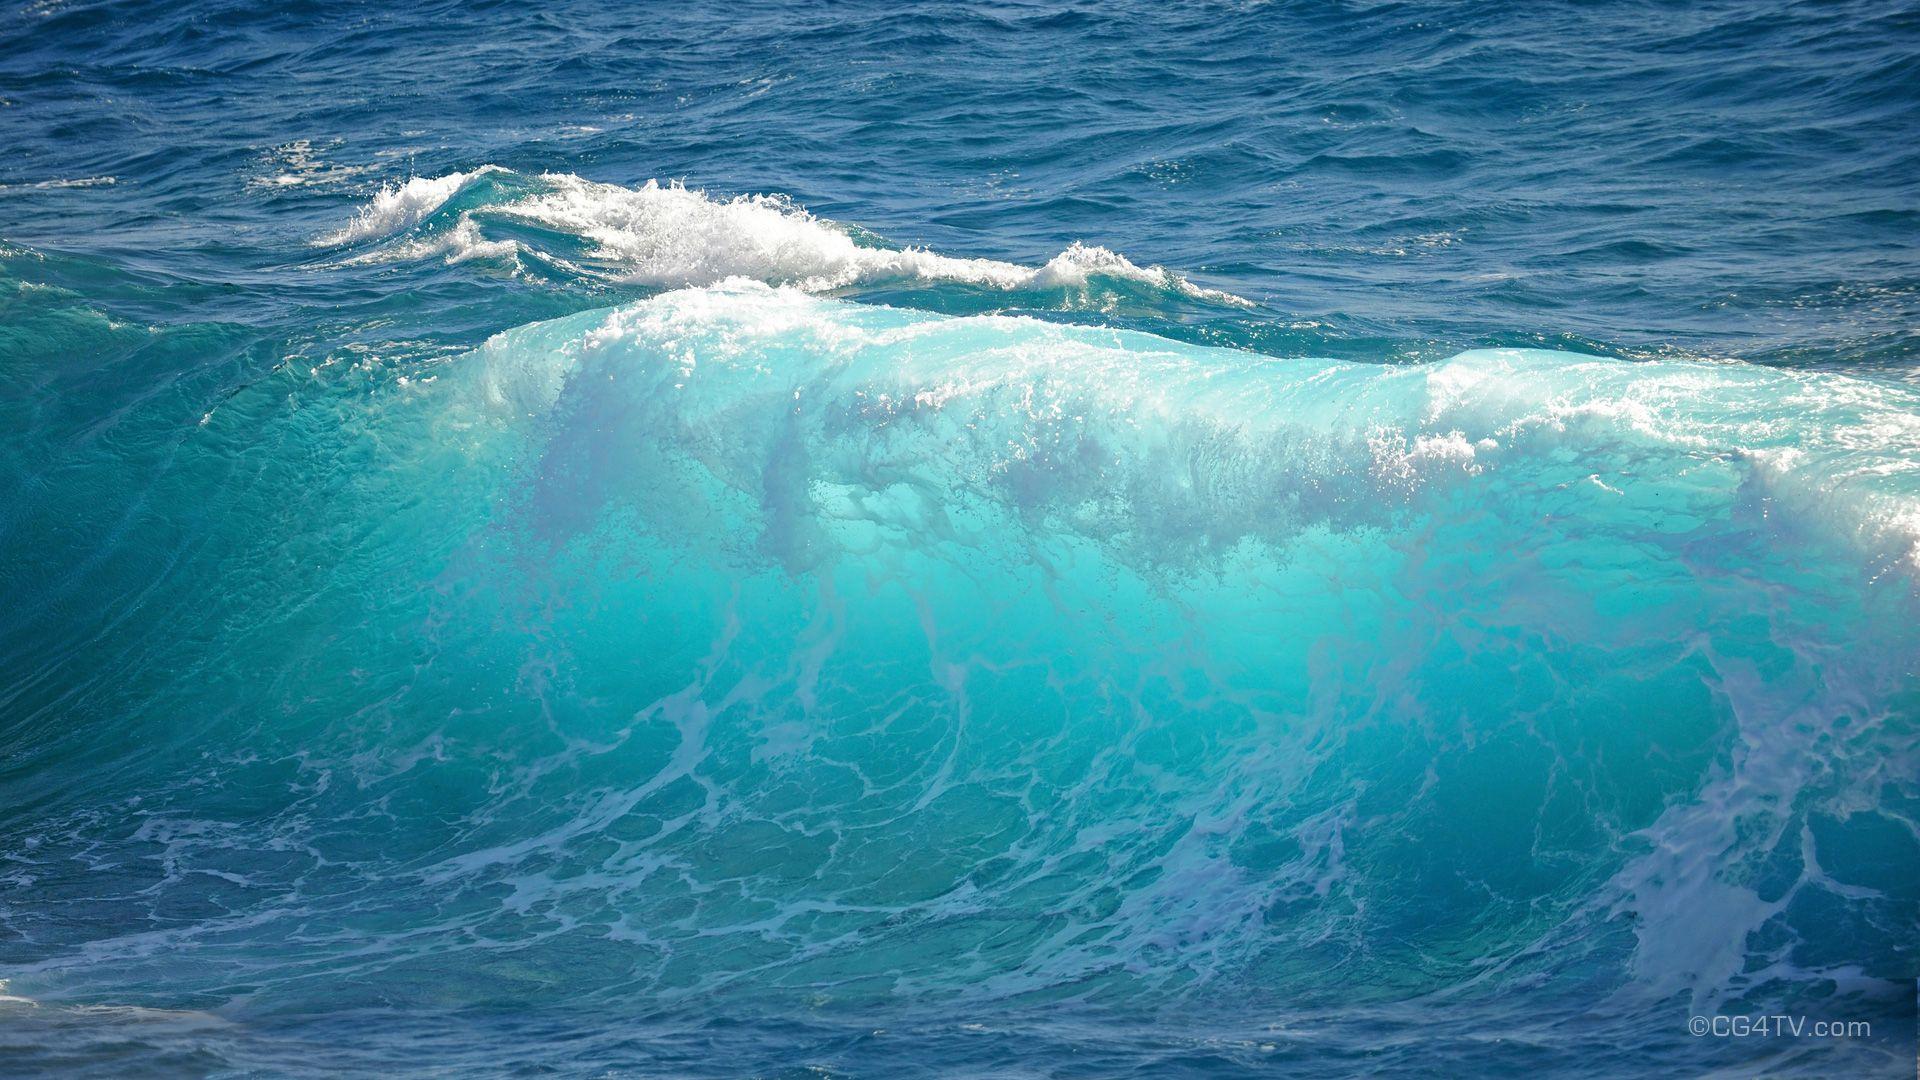 beautiful sight hd wide wallpaper for widescreen beach pinterest hd desktop and beach